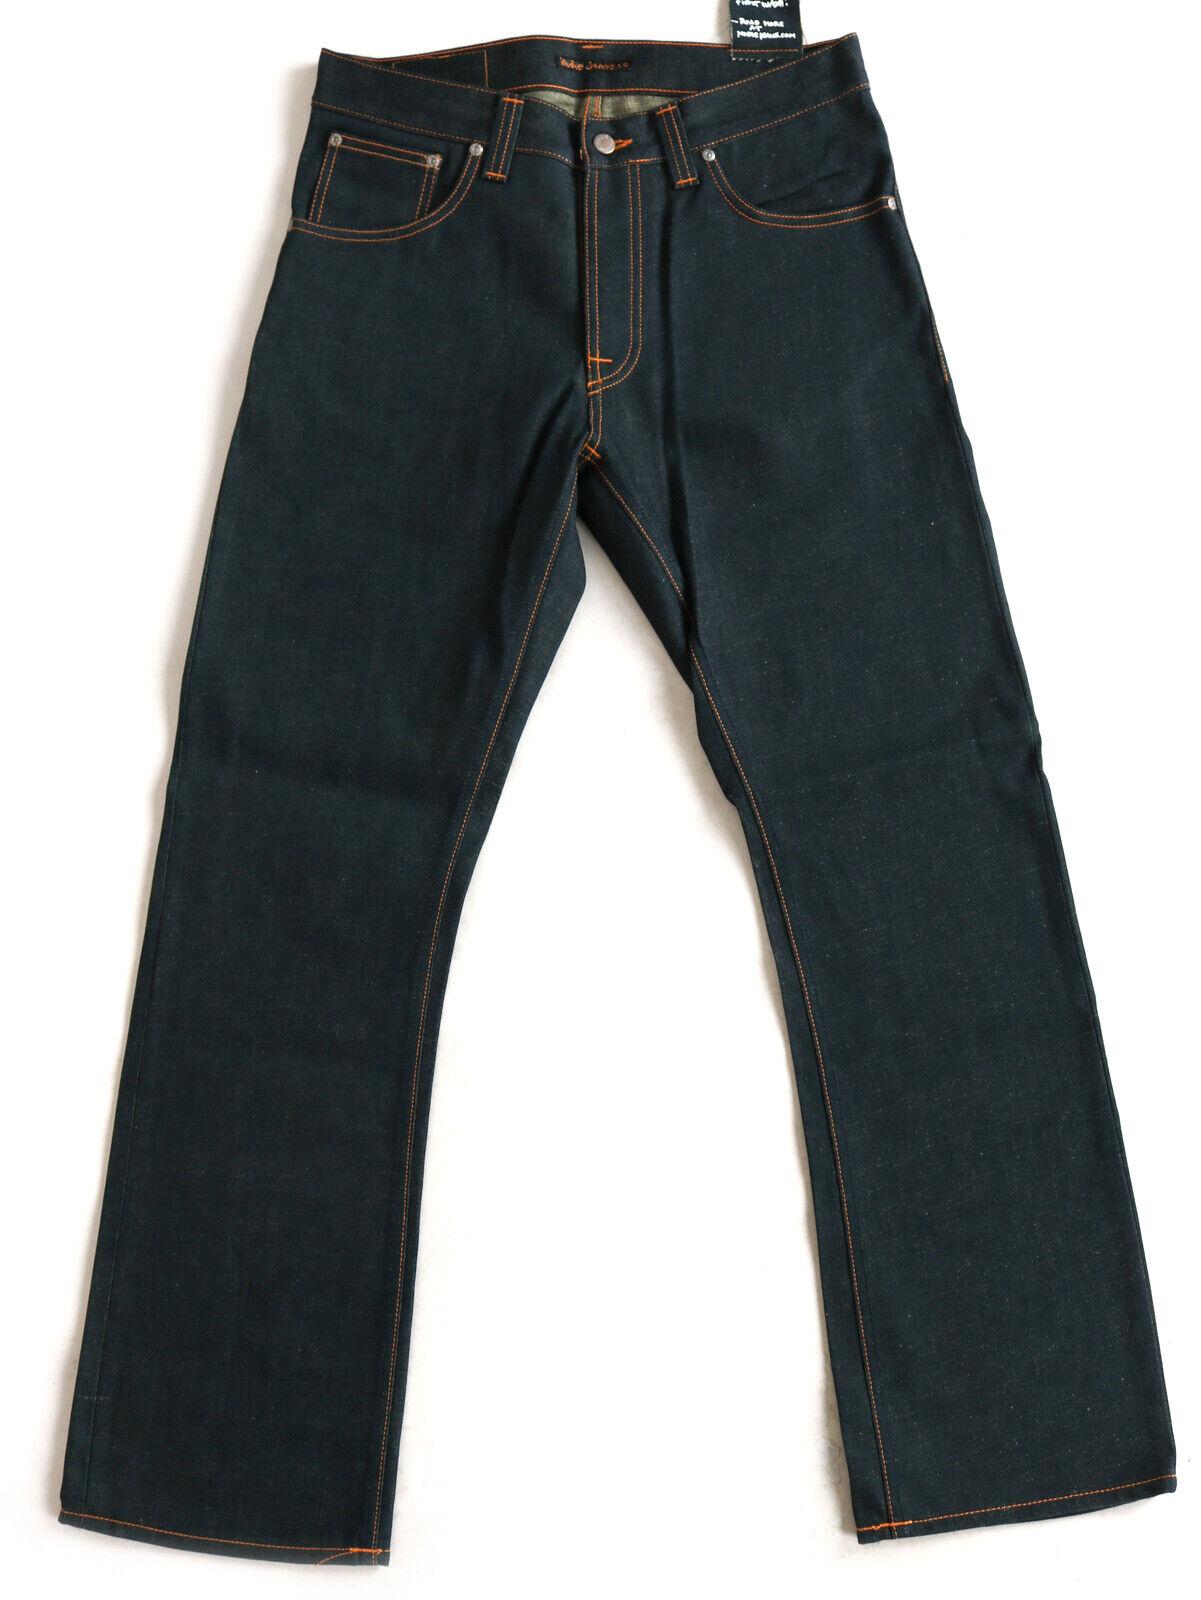 Nudie Men's Raw-Jeans-Hose Slim Straight Fit Slim Jim Dry Greycast